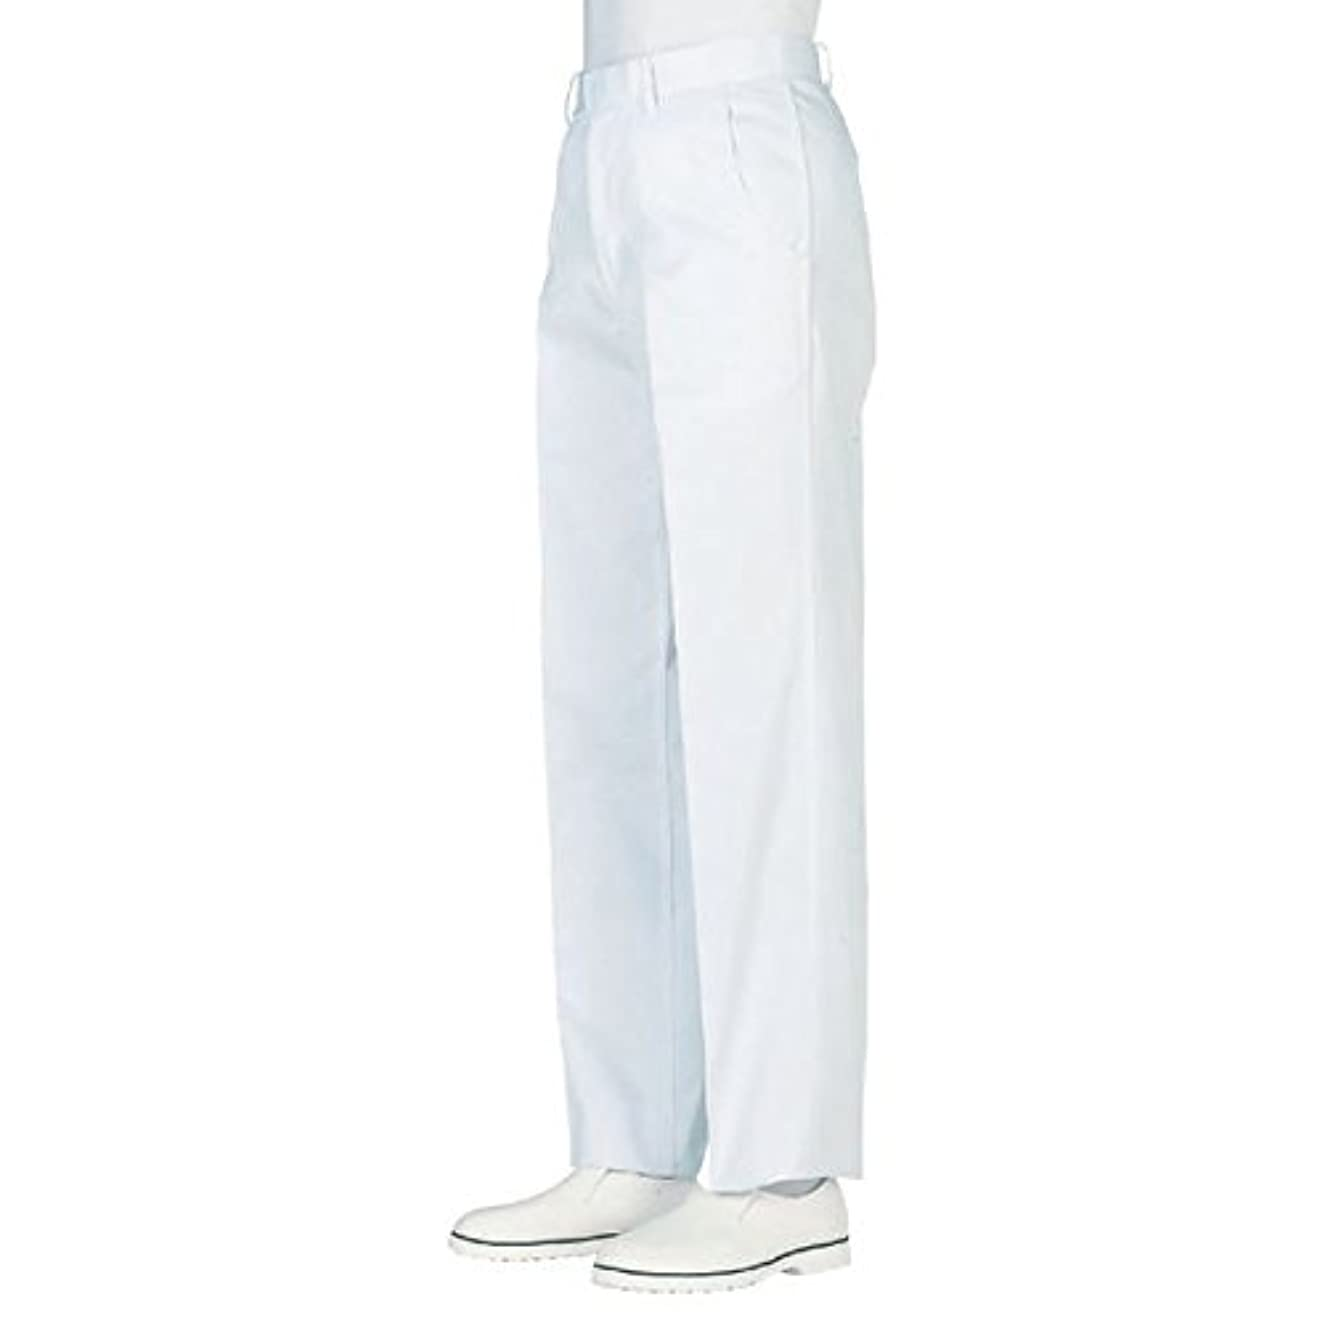 一般的な崩壊非公式workfriend 男子ノータック白パンツ SKH430 ウエスト110cm